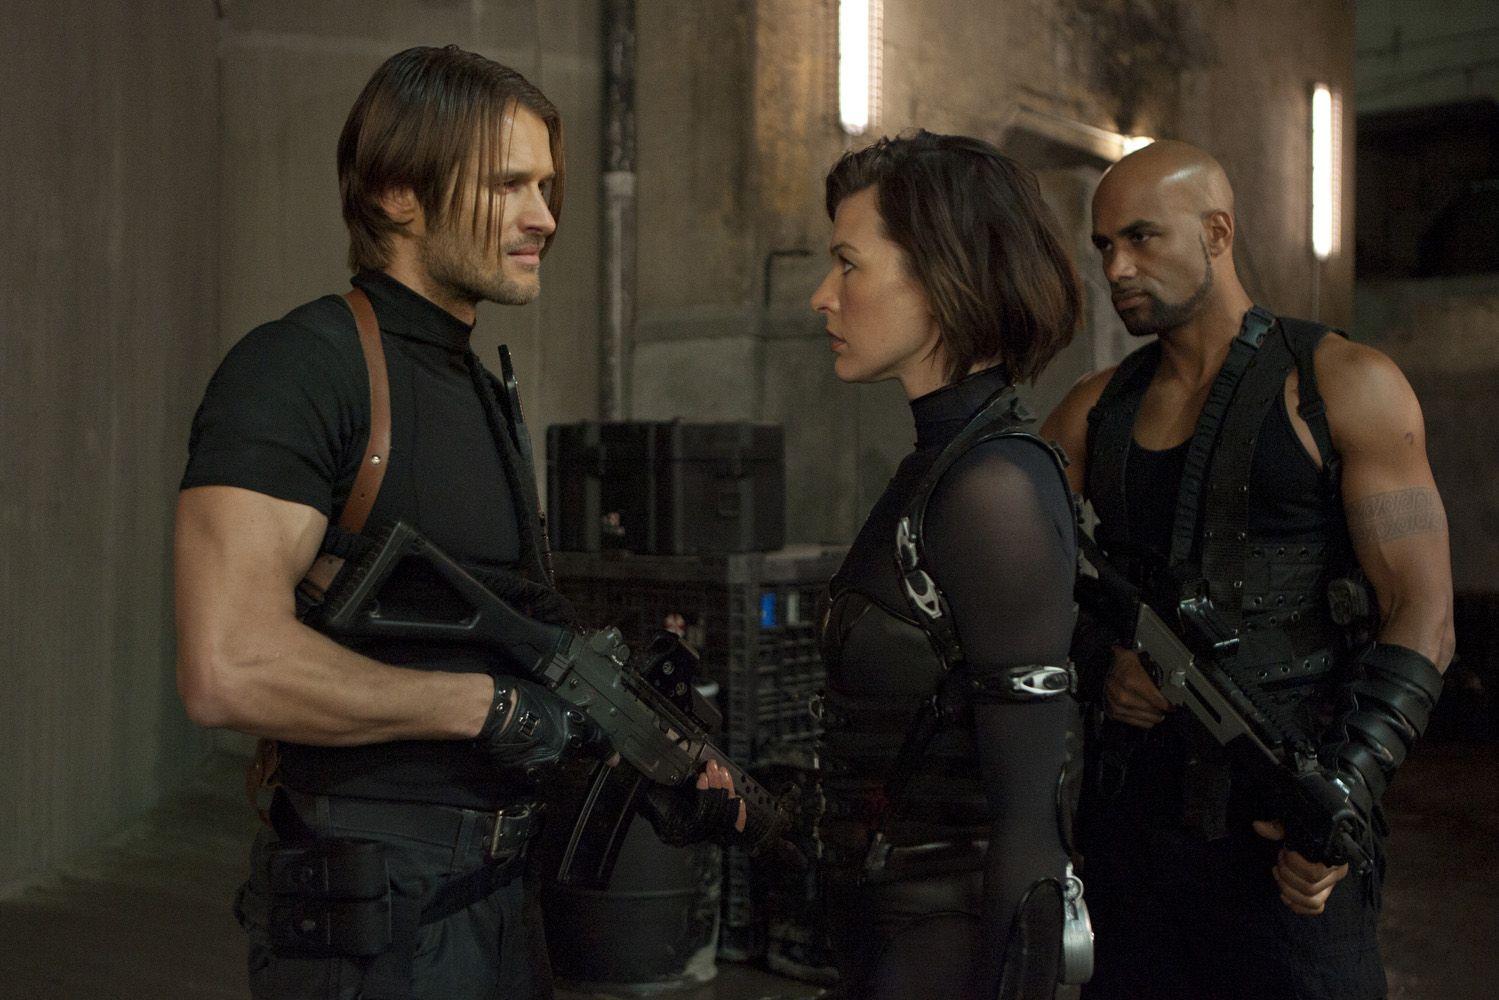 Alice Meets Leon Resident Evil Movie Resident Evil Leon Resident Evil 5